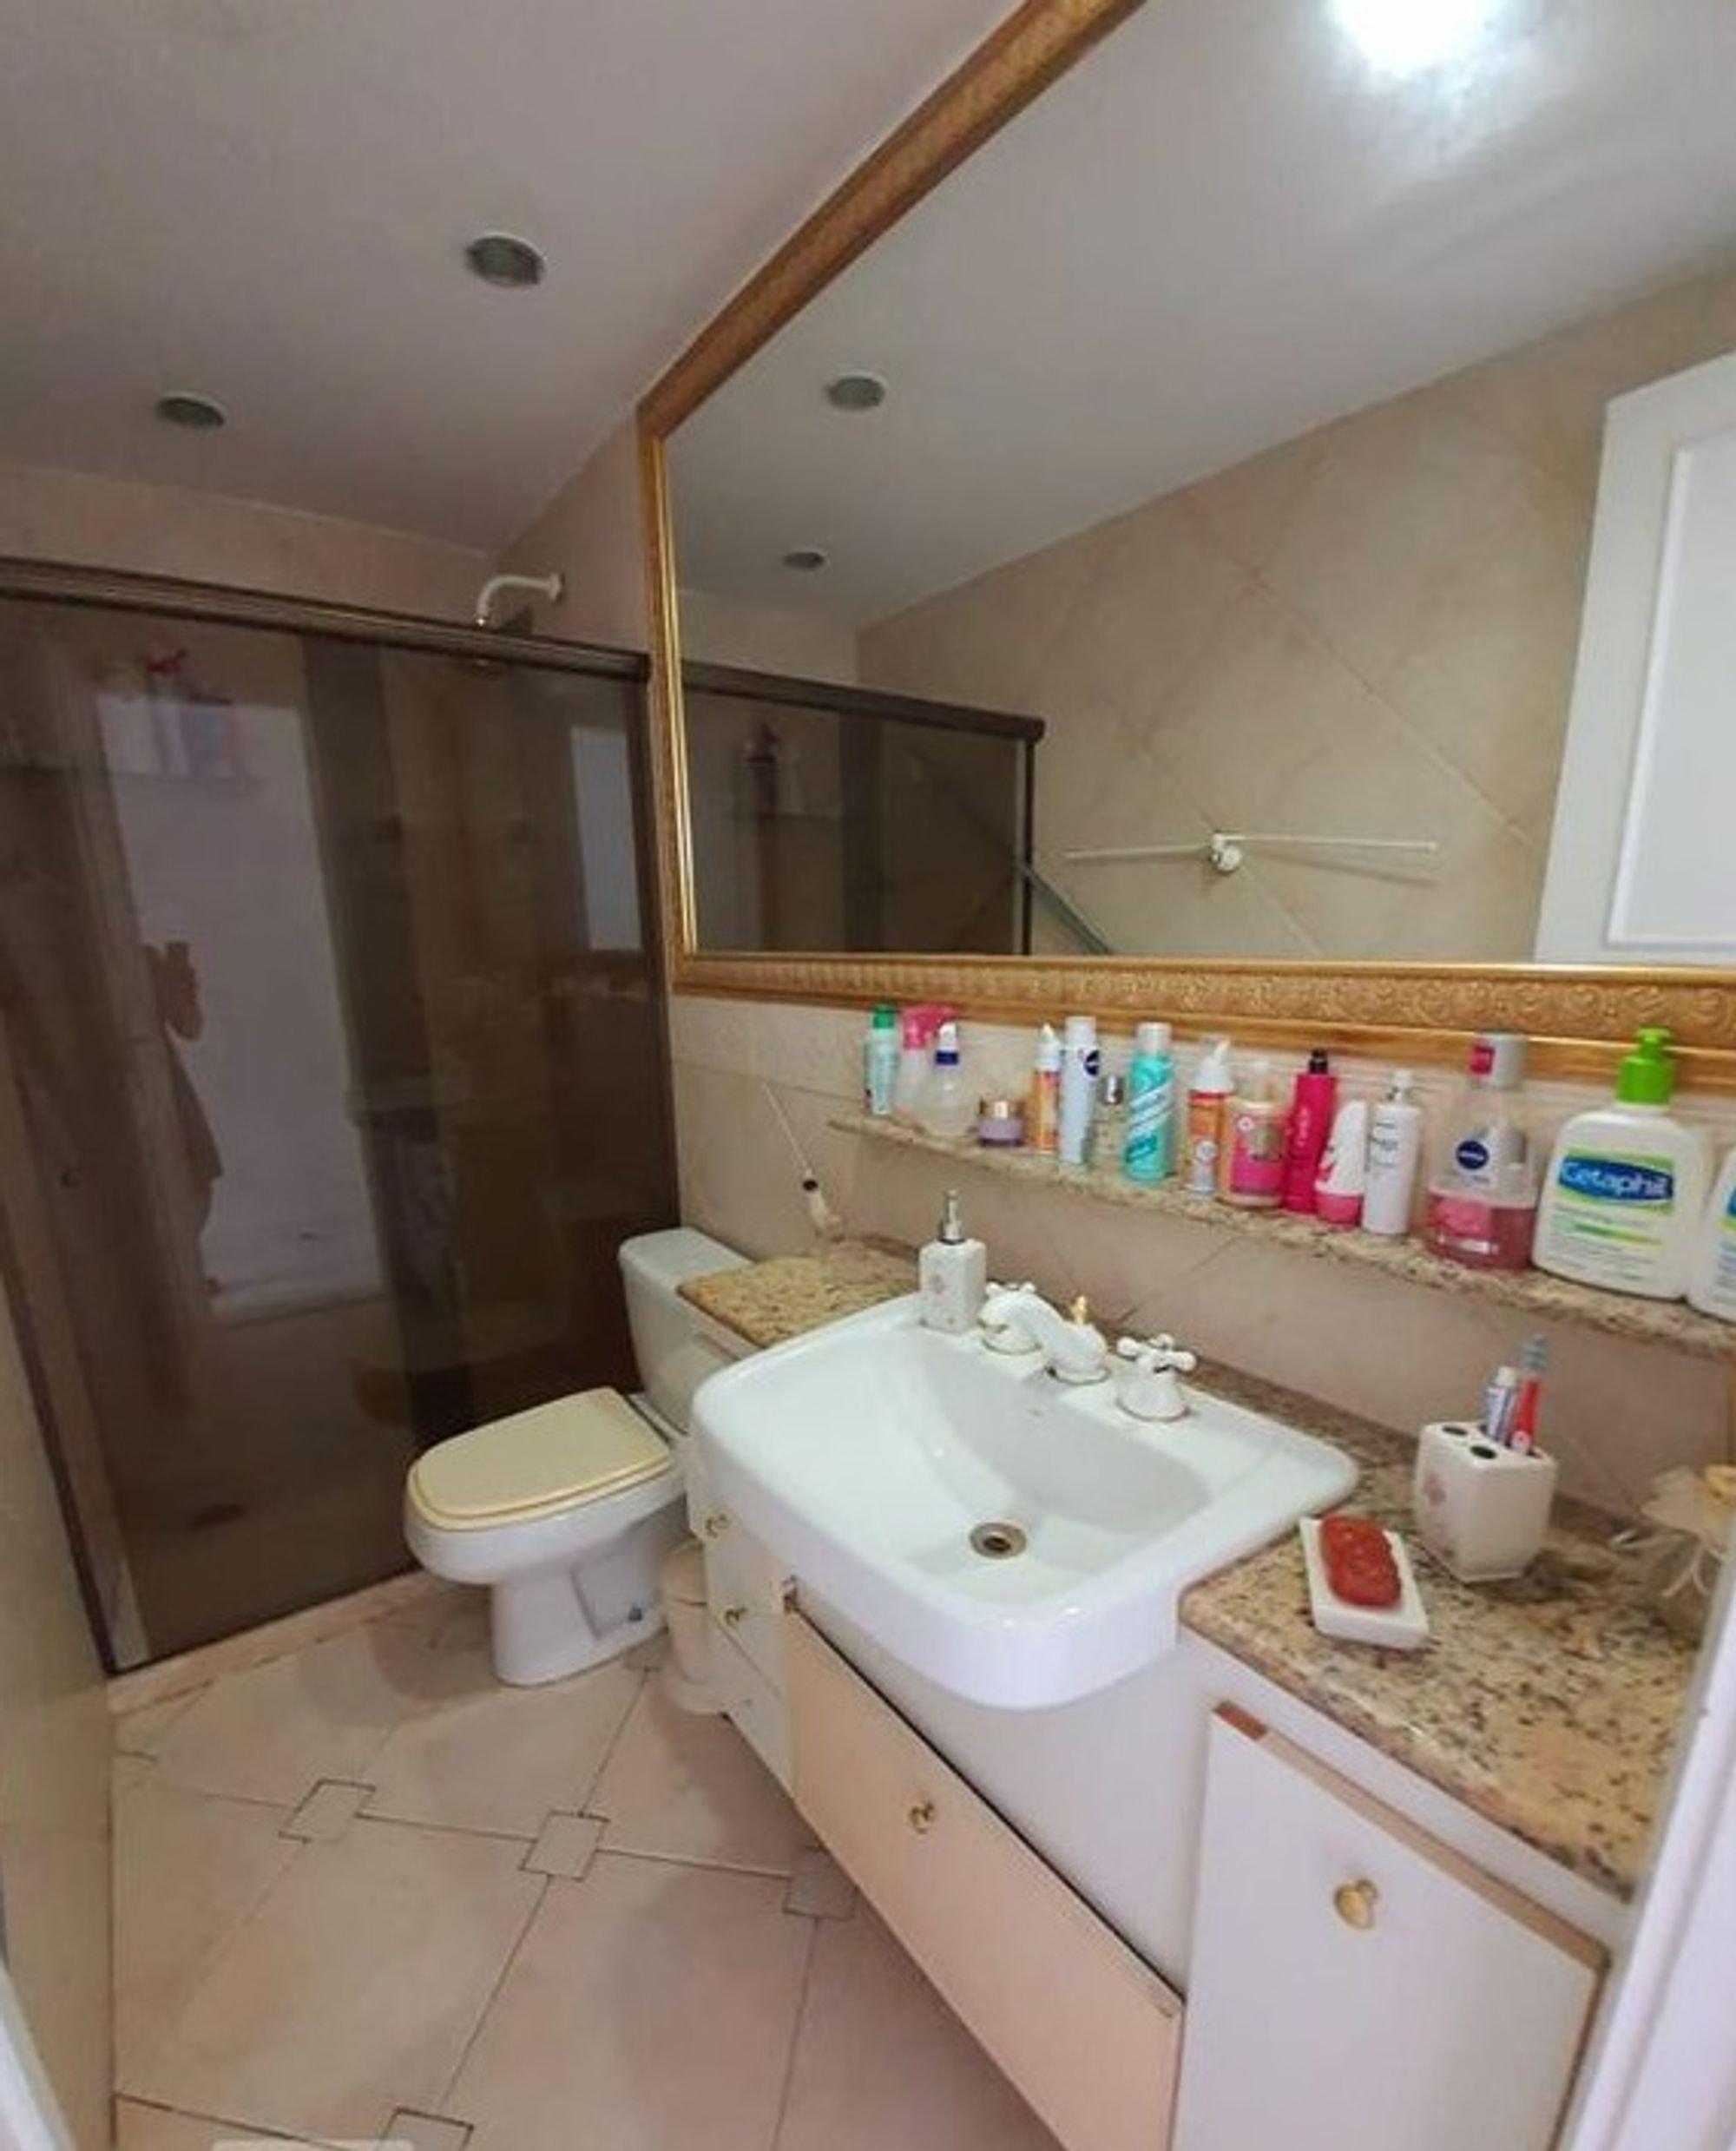 Foto de Banheiro com escova de dente, vaso sanitário, garrafa, pia, xícara